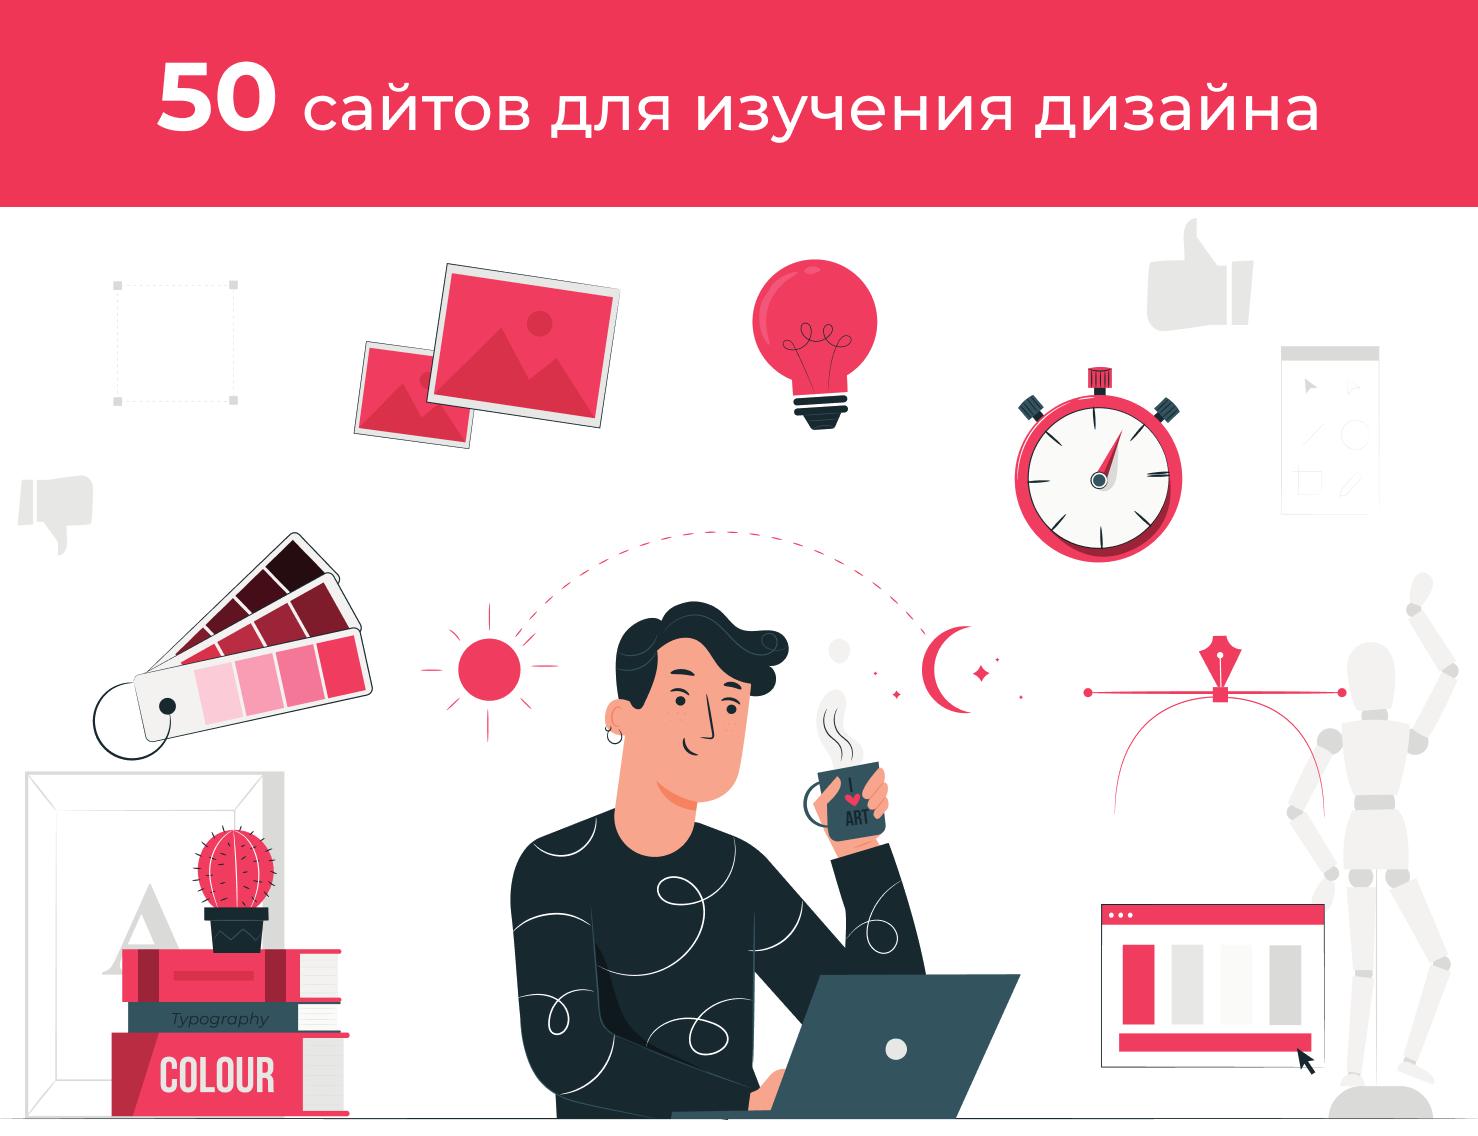 50 сайтов для изучения дизайна